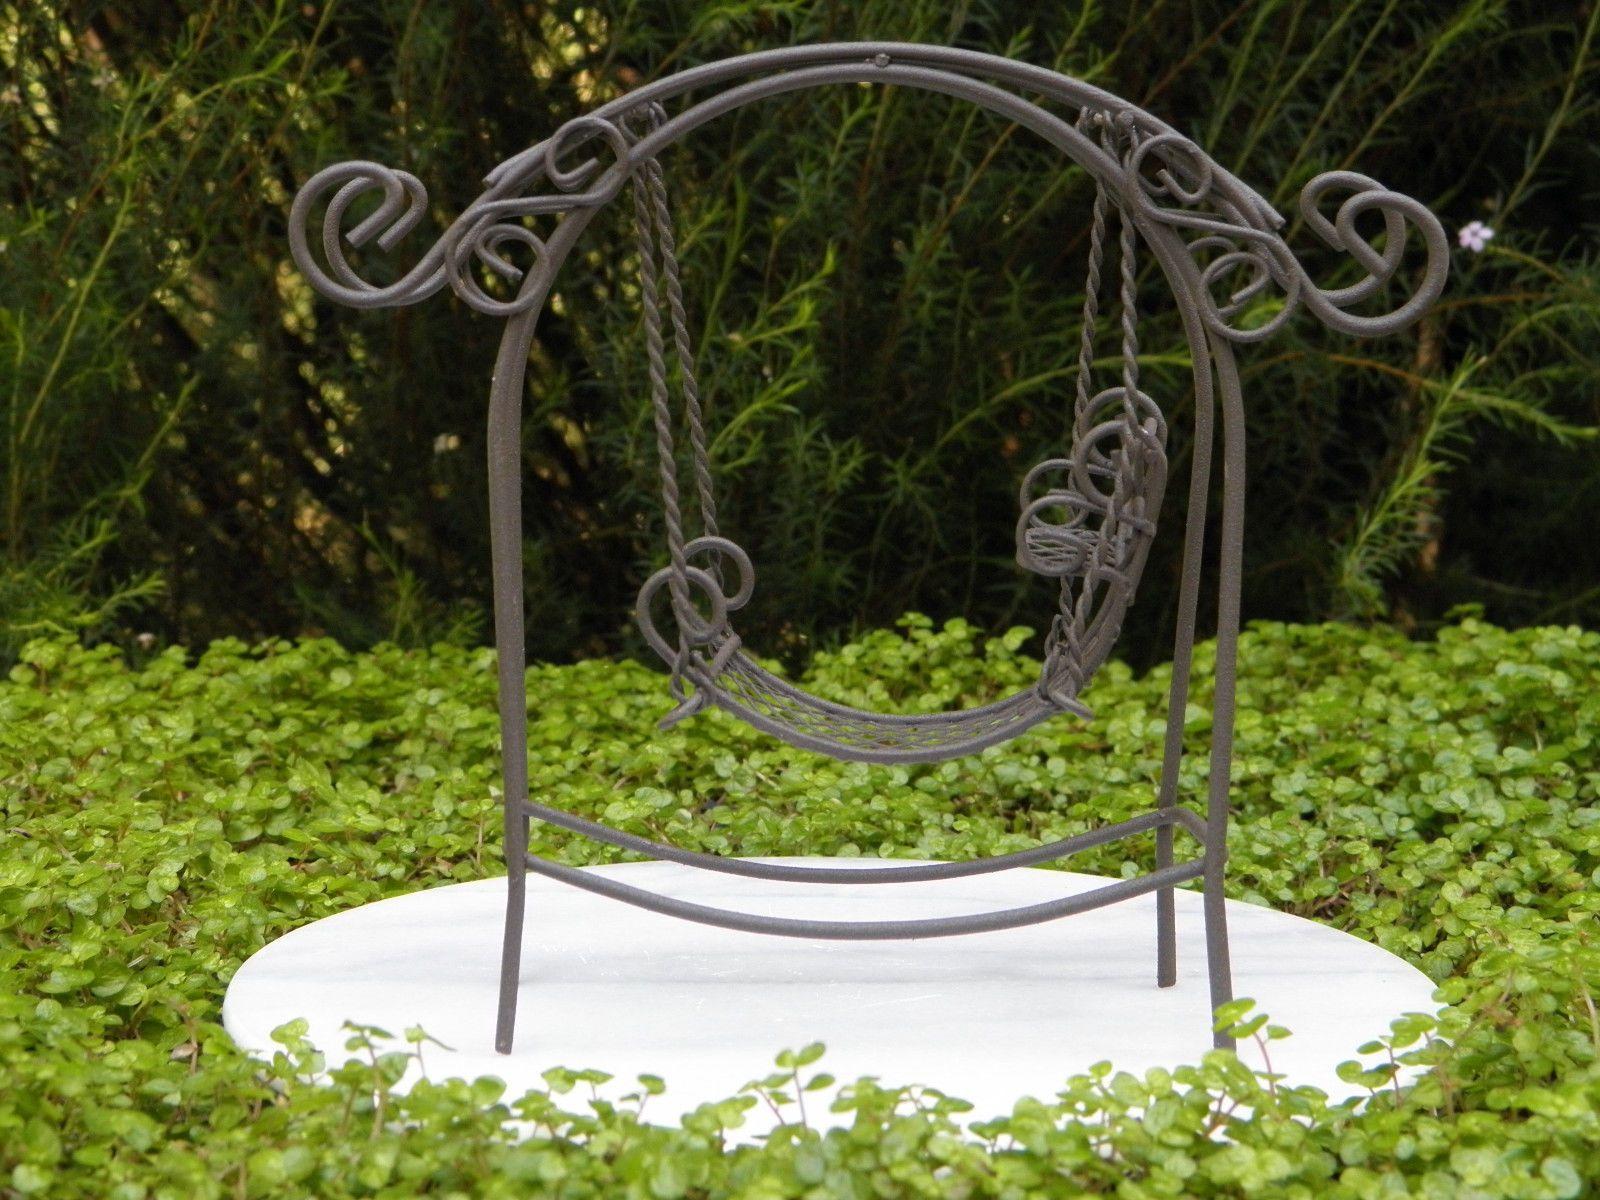 Dollhouse Miniature Garden Swing